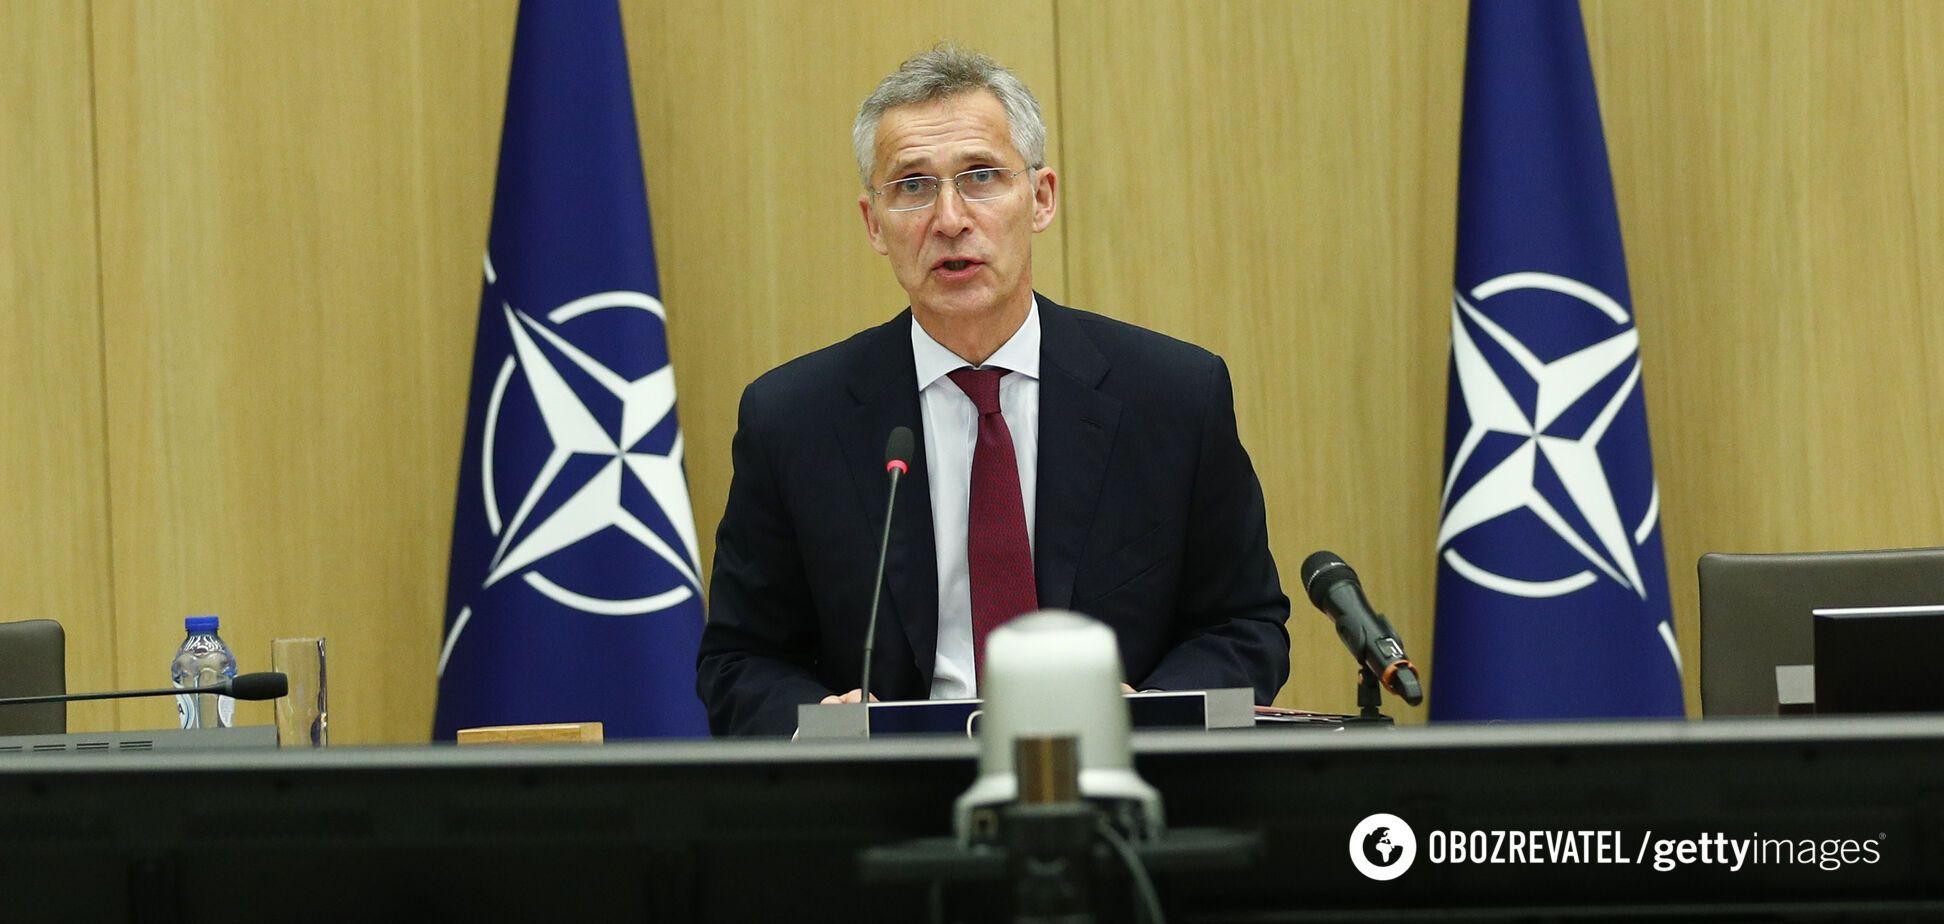 Йенс Столтенберг заявил, что Украина стала ближе к НАТО